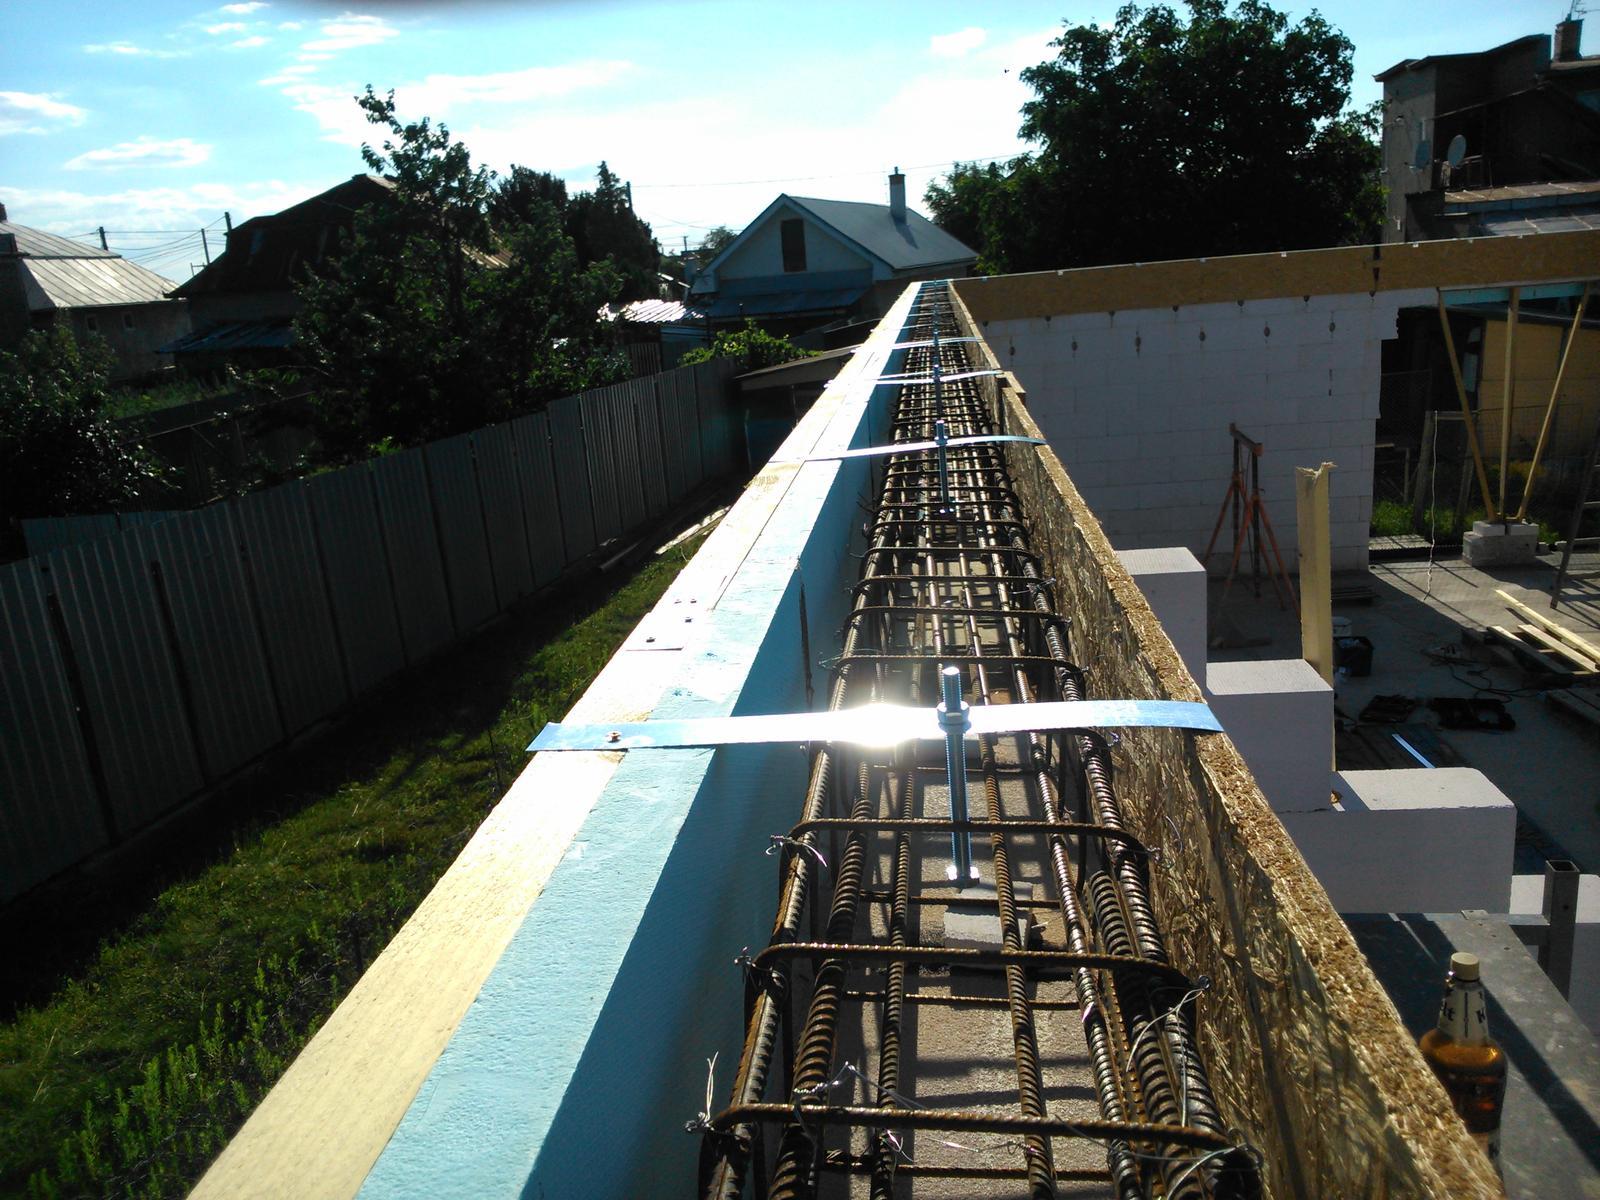 Domček pre moju rodinku :) - pripravene na kotvenie veznikovej strechy, zamerane s presnostou 2 mm pomocou vyrobenej sablony